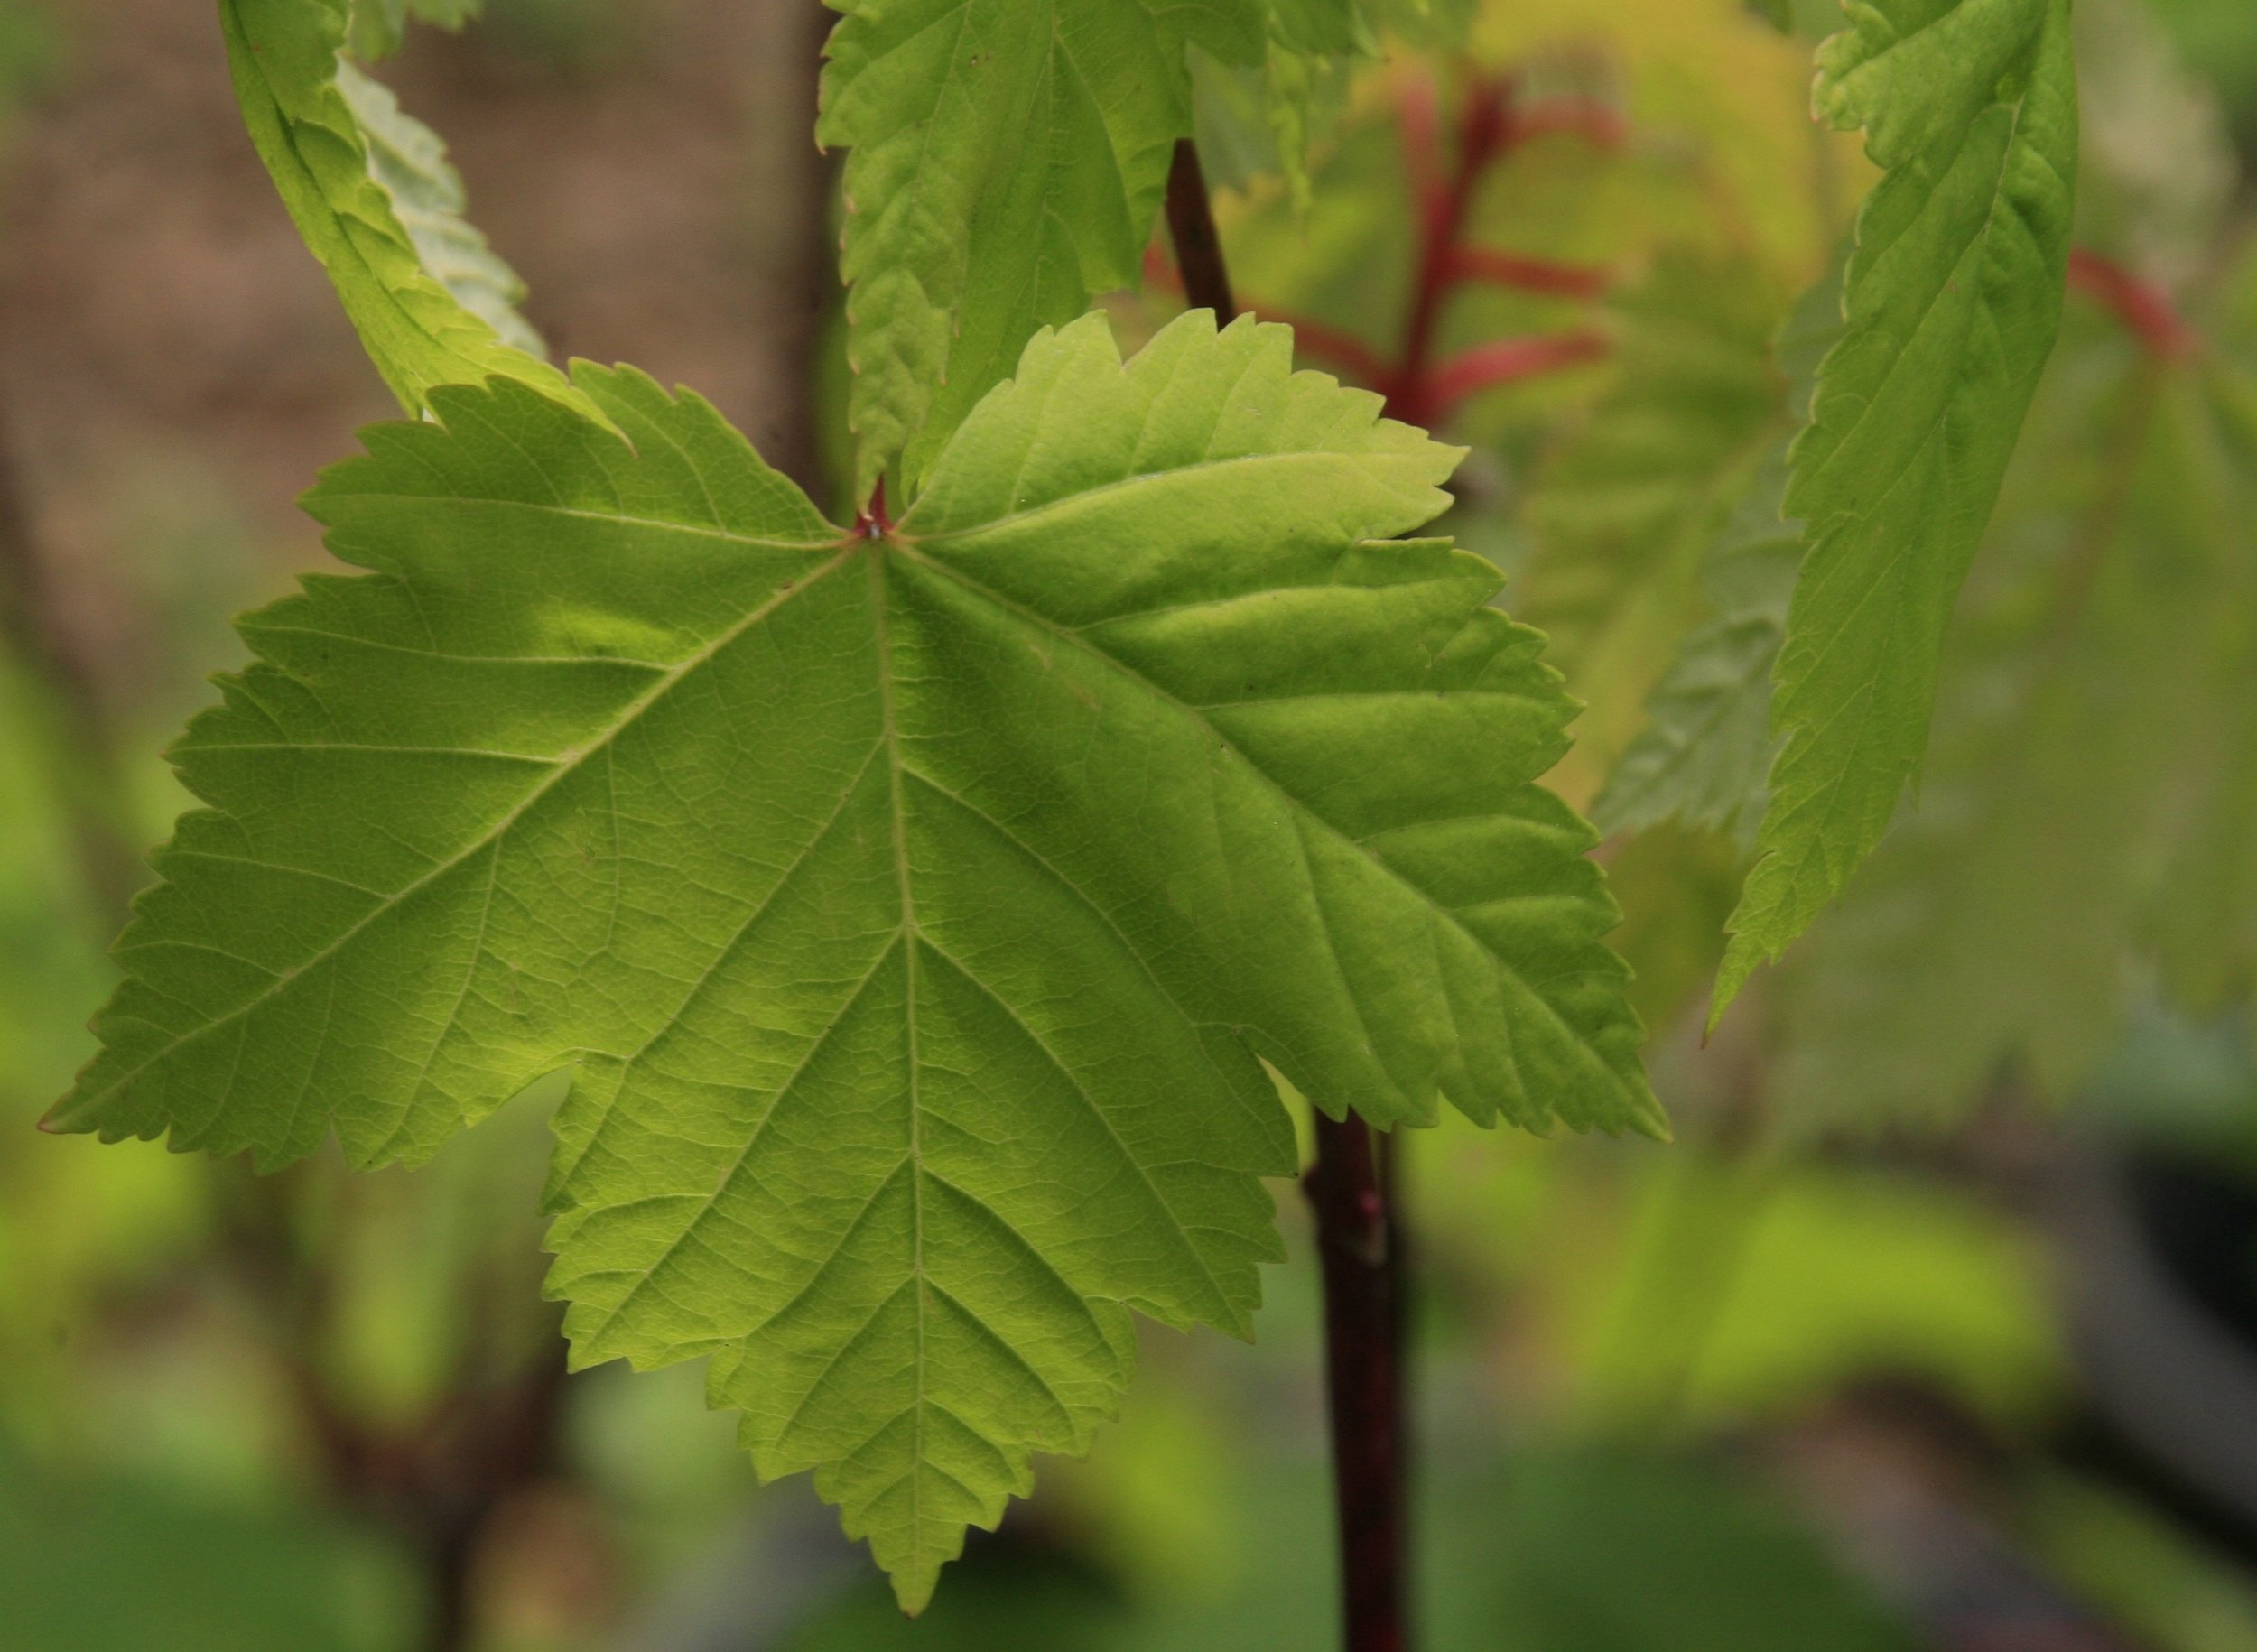 - Acer GlabrumRocky Mountain Maple